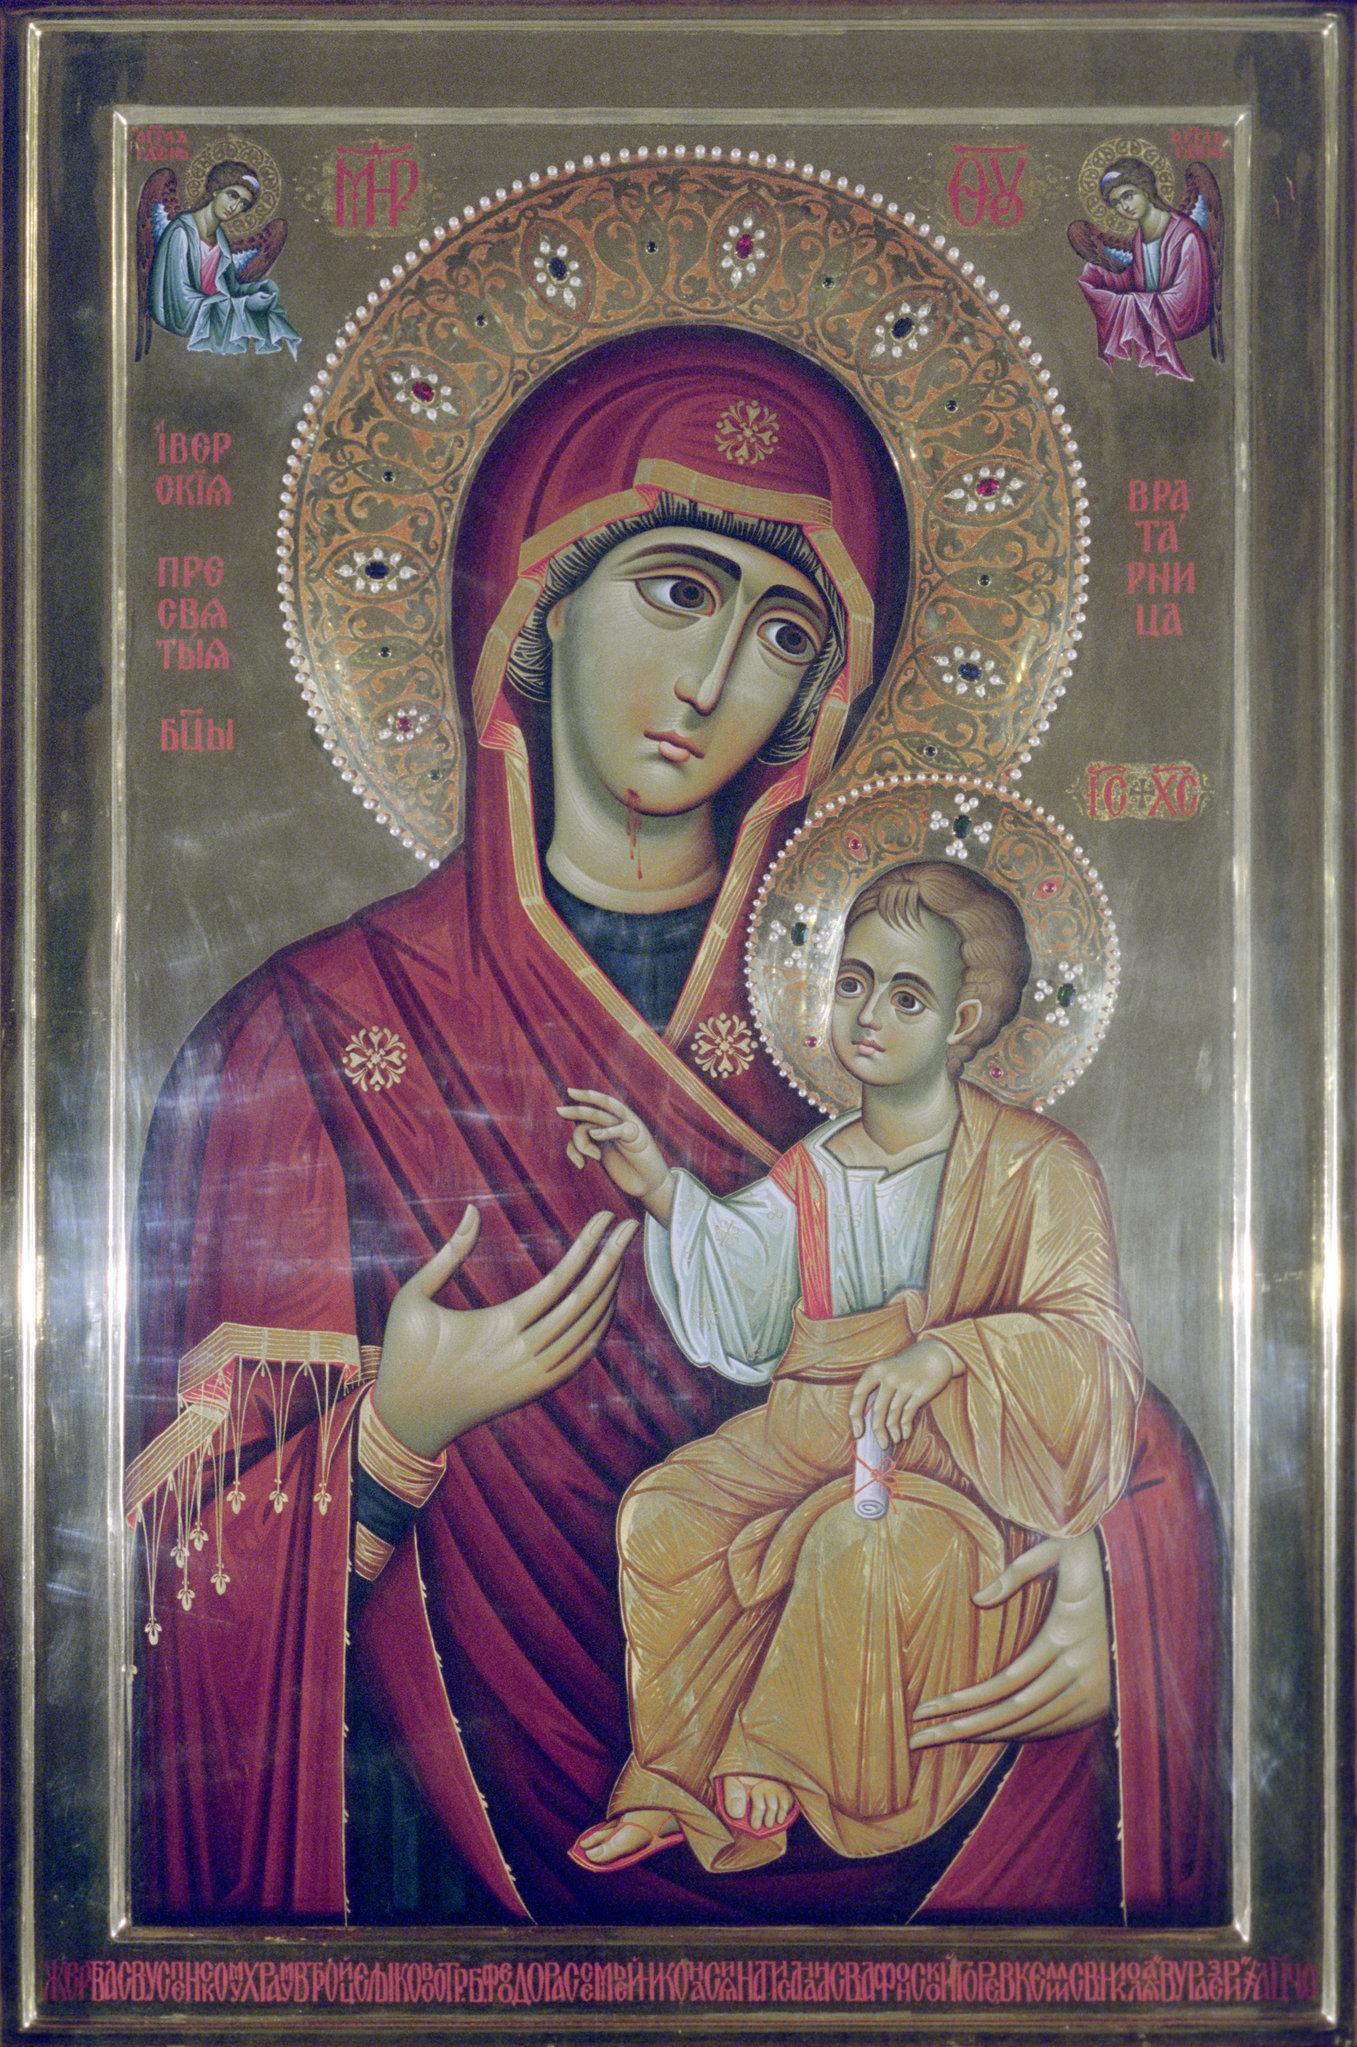 Репродукция иконы Иверской Божьей Матери